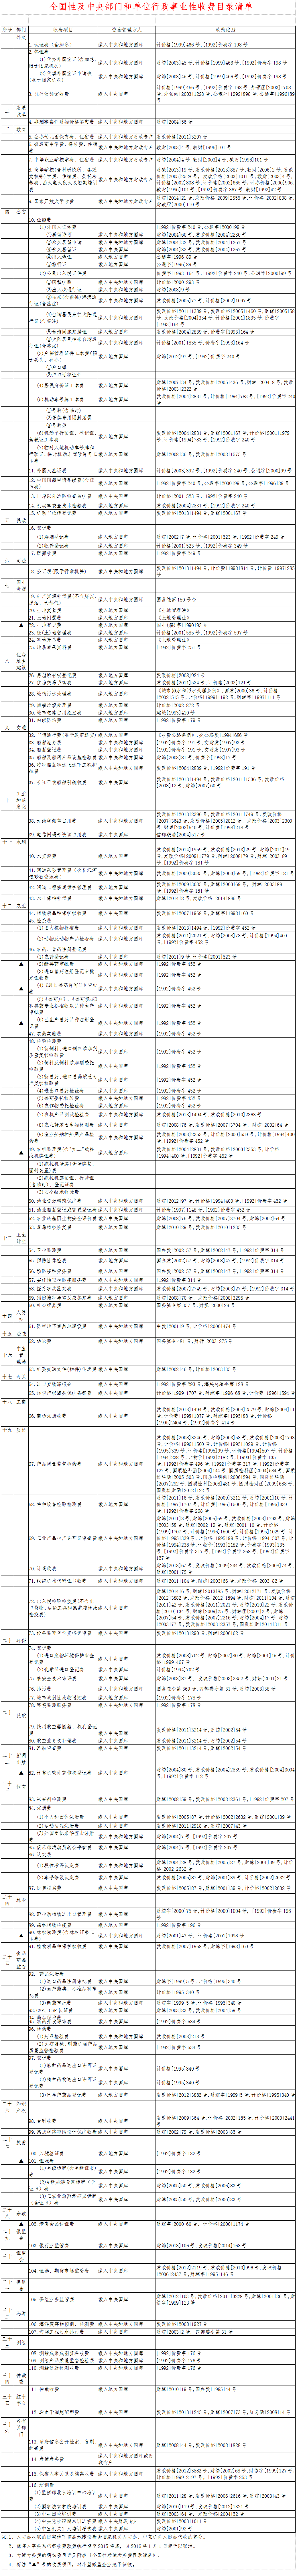 《全国性及中央部门和单位行政事业性收费目录清单》【财政部公告2014年第80号附件】